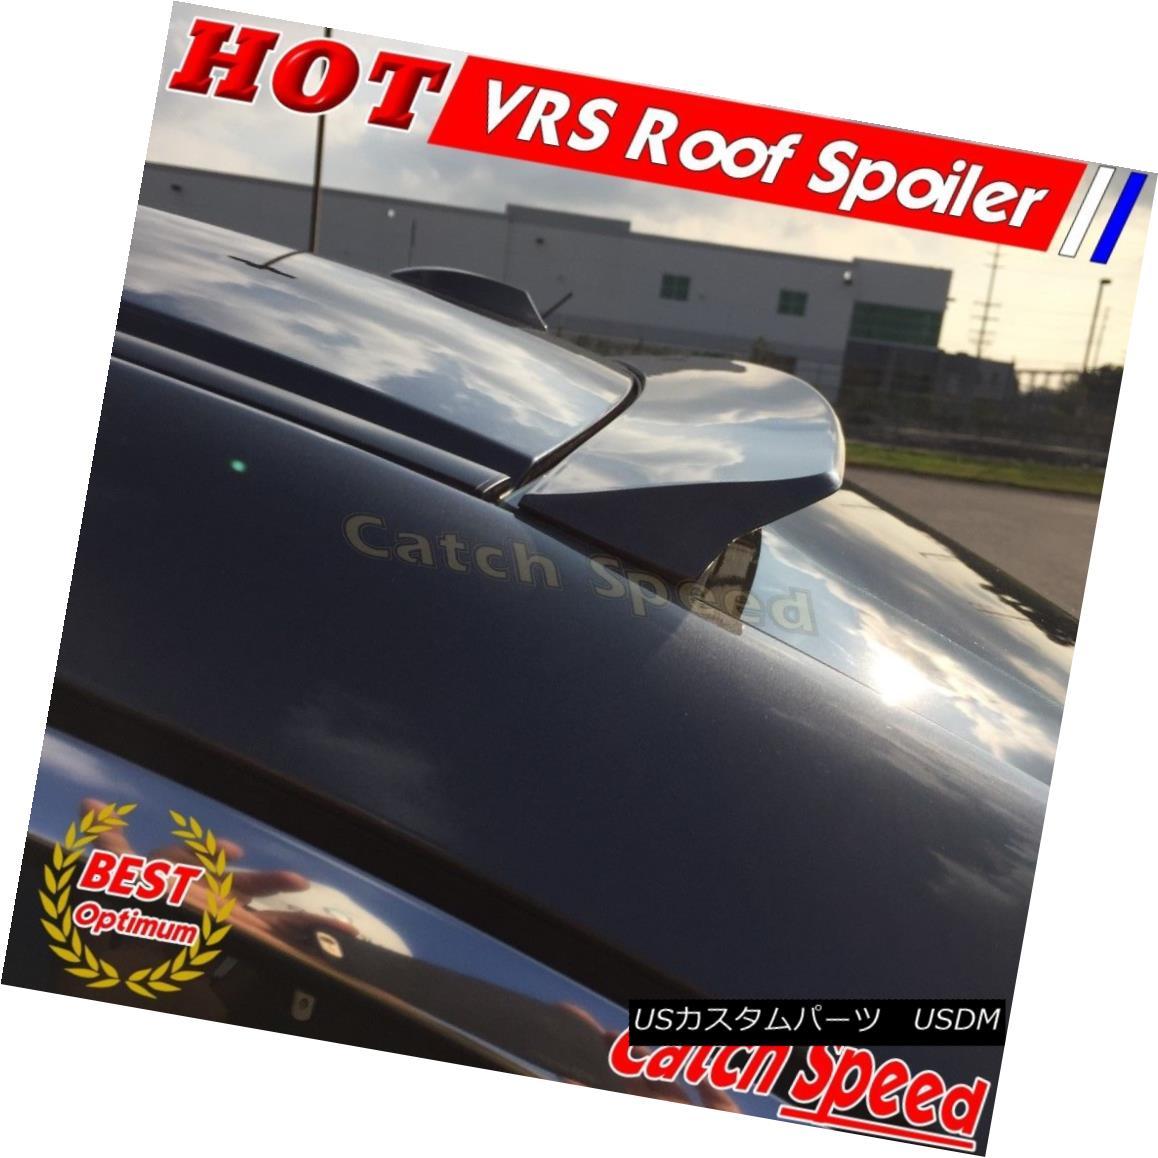 エアロパーツ Painted VRS Rear Roof Spoiler Wing For Ford Fiesta Sedan 2011-2015 Ford Fiesta Sedan 2011-2015用塗装VRSリアルーフスポイラーウィング